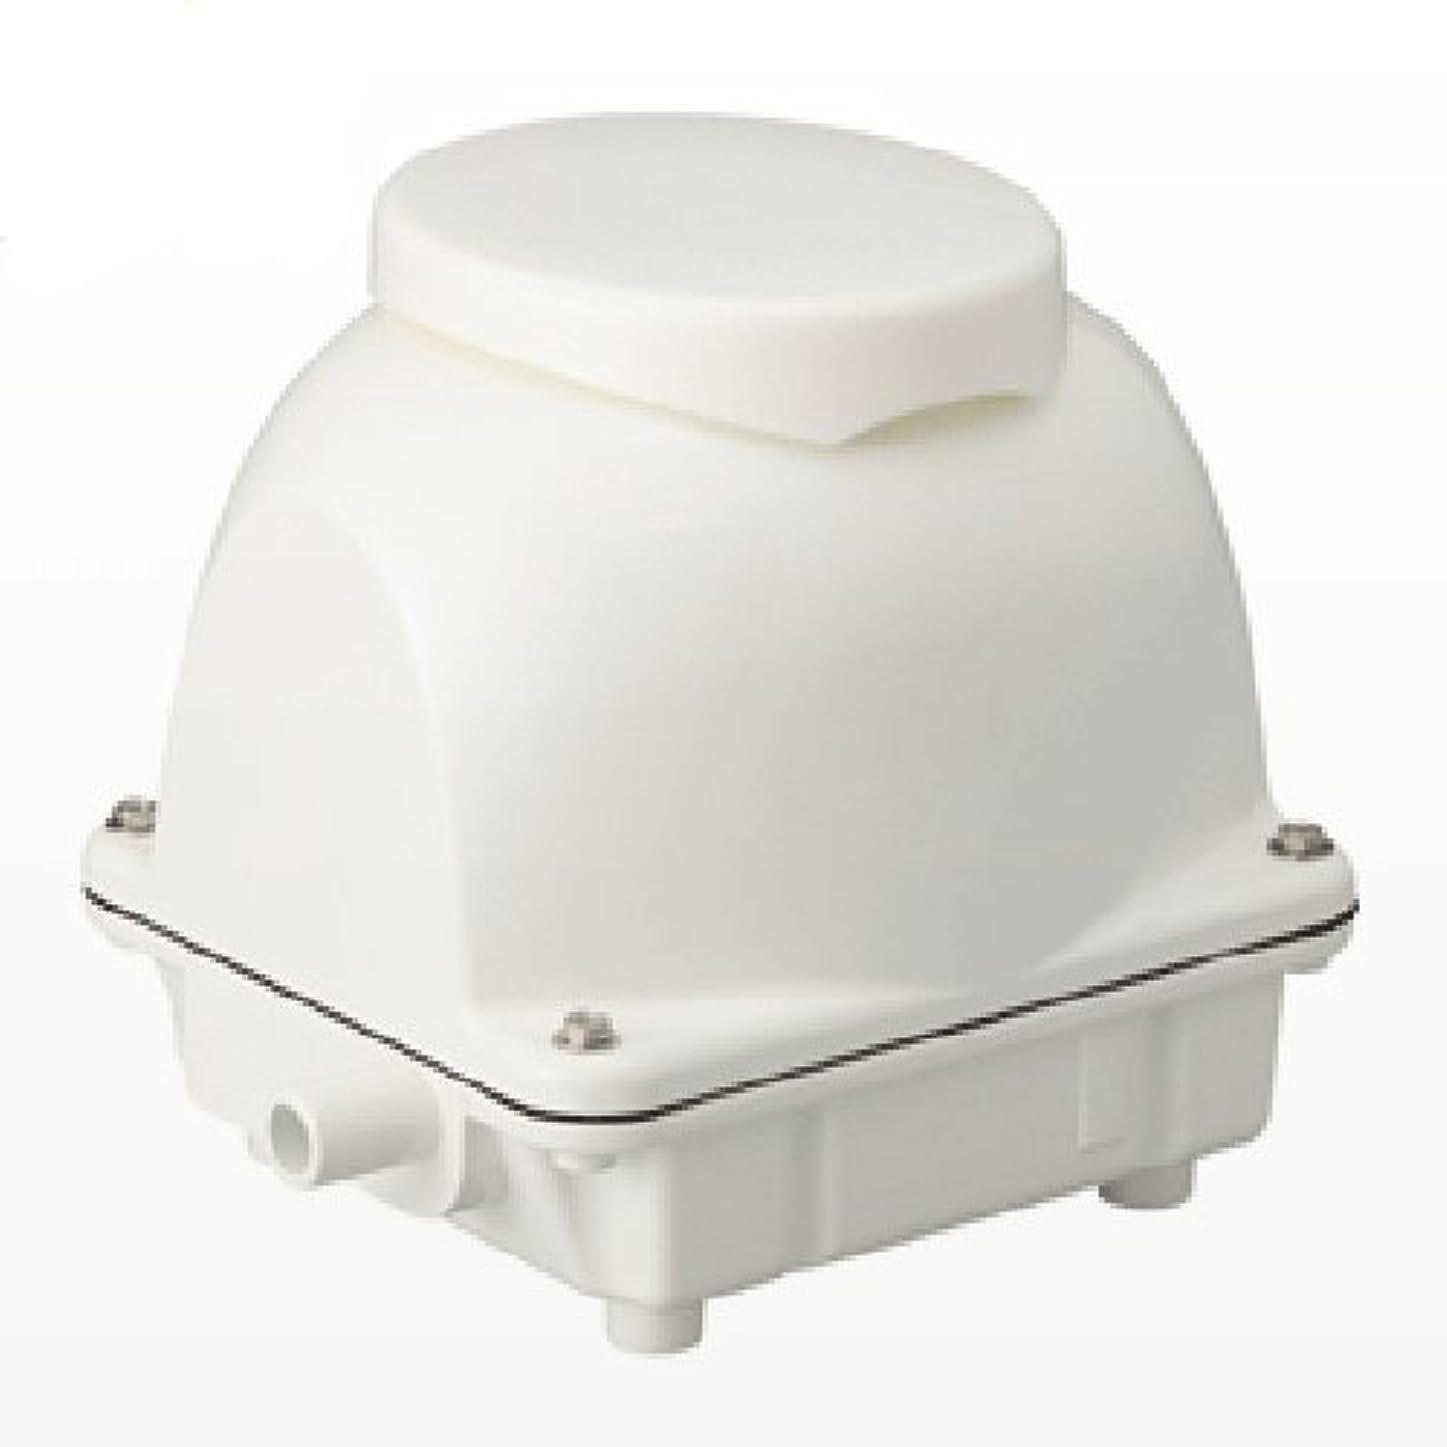 必要としている職業ラビリンスフジクリーン(旧マルカ) 浄化槽ブロワ 80L/min EcoMAC80 (MAC80N MAC80R後継機種)